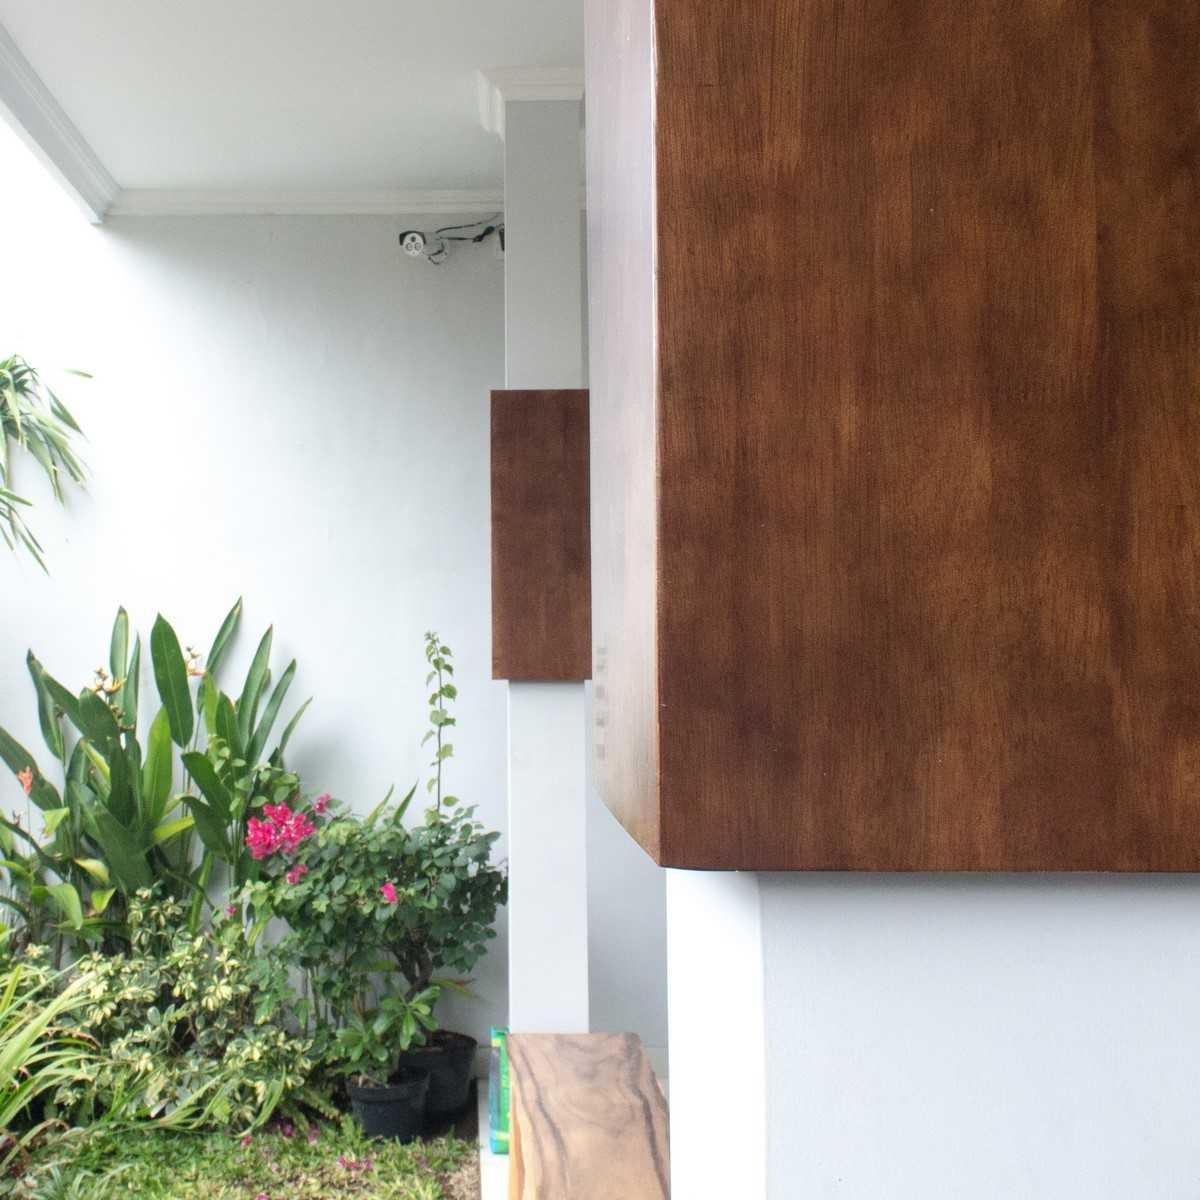 Pradhana Pande Pidada Jalan Sanitasi, Denpasar - Bali Jalan Sanitasi, Denpasar - Bali Img9748-Copy  41679